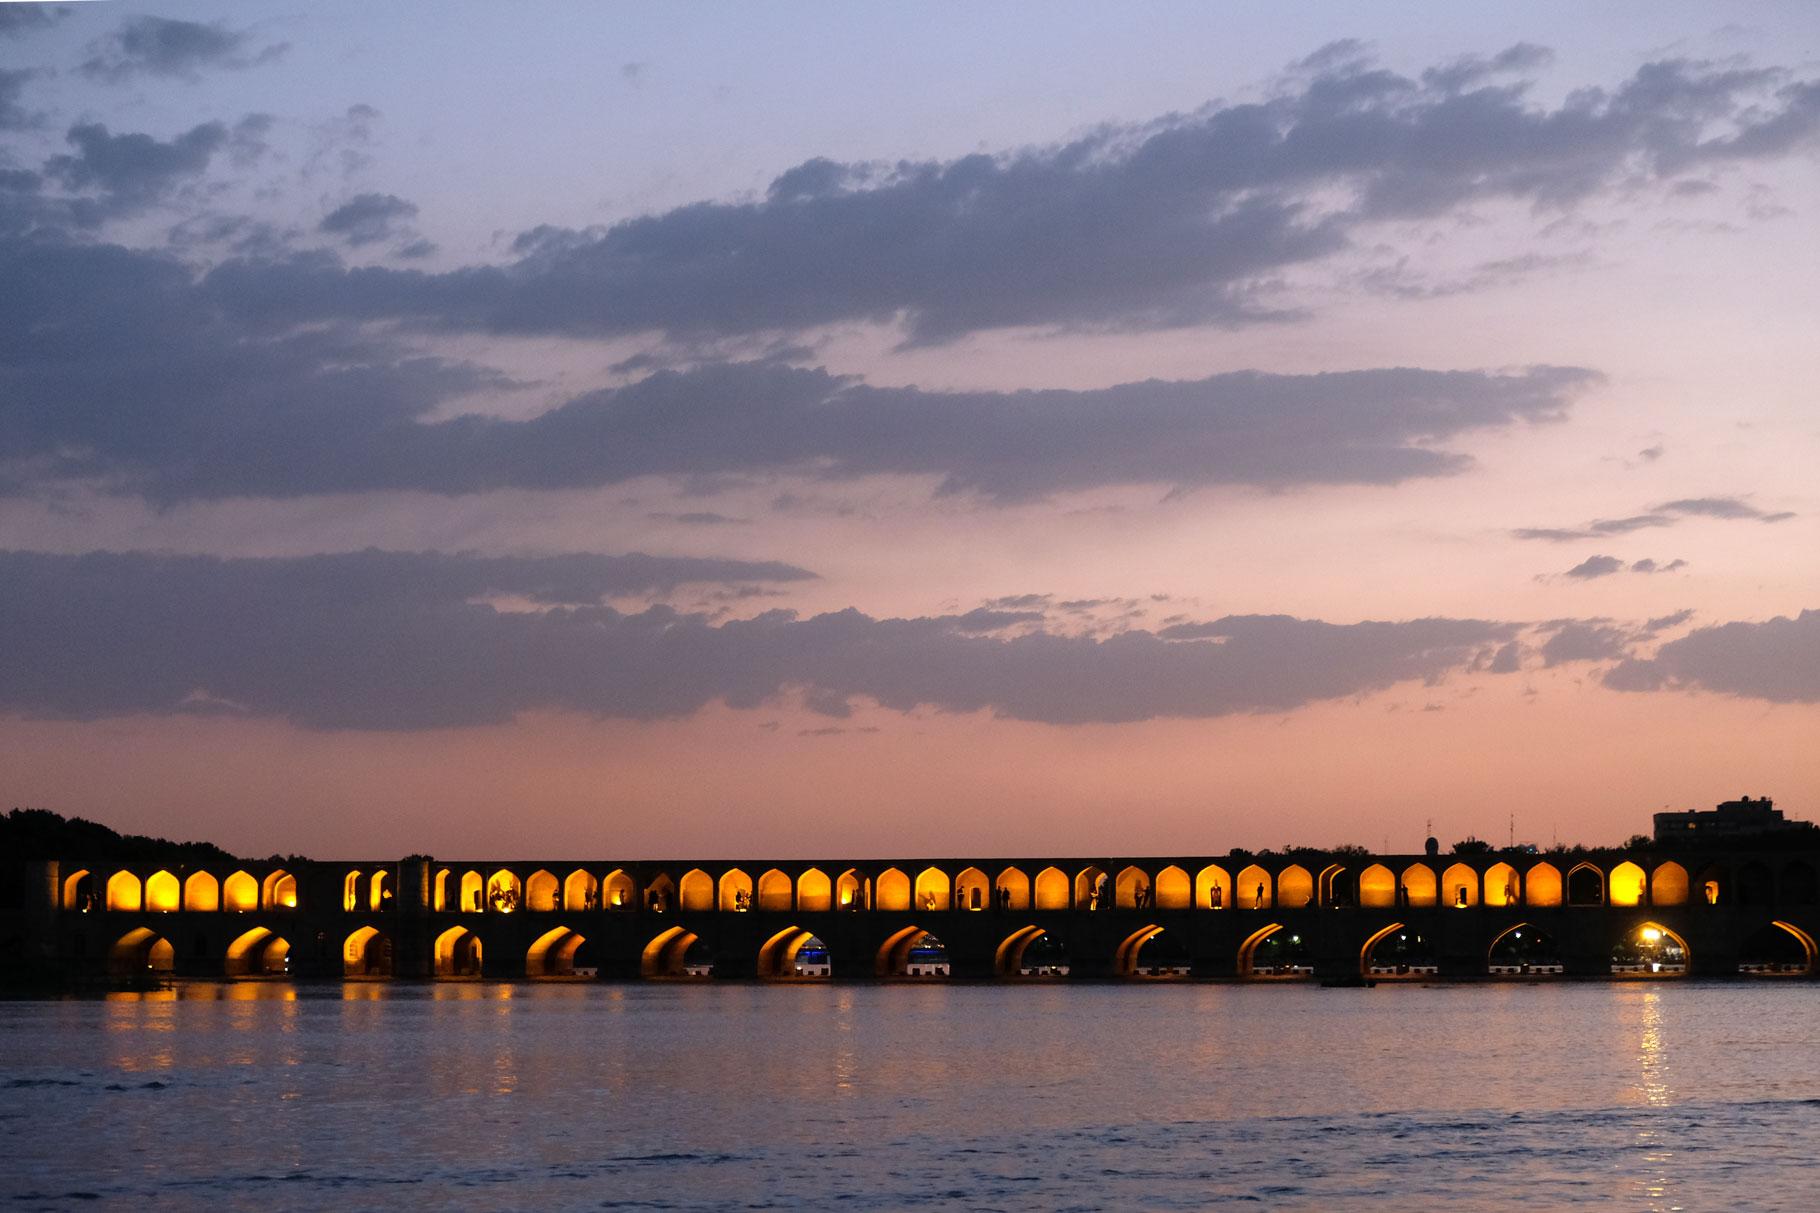 ...und auf den Brücken gehen die Lichter an